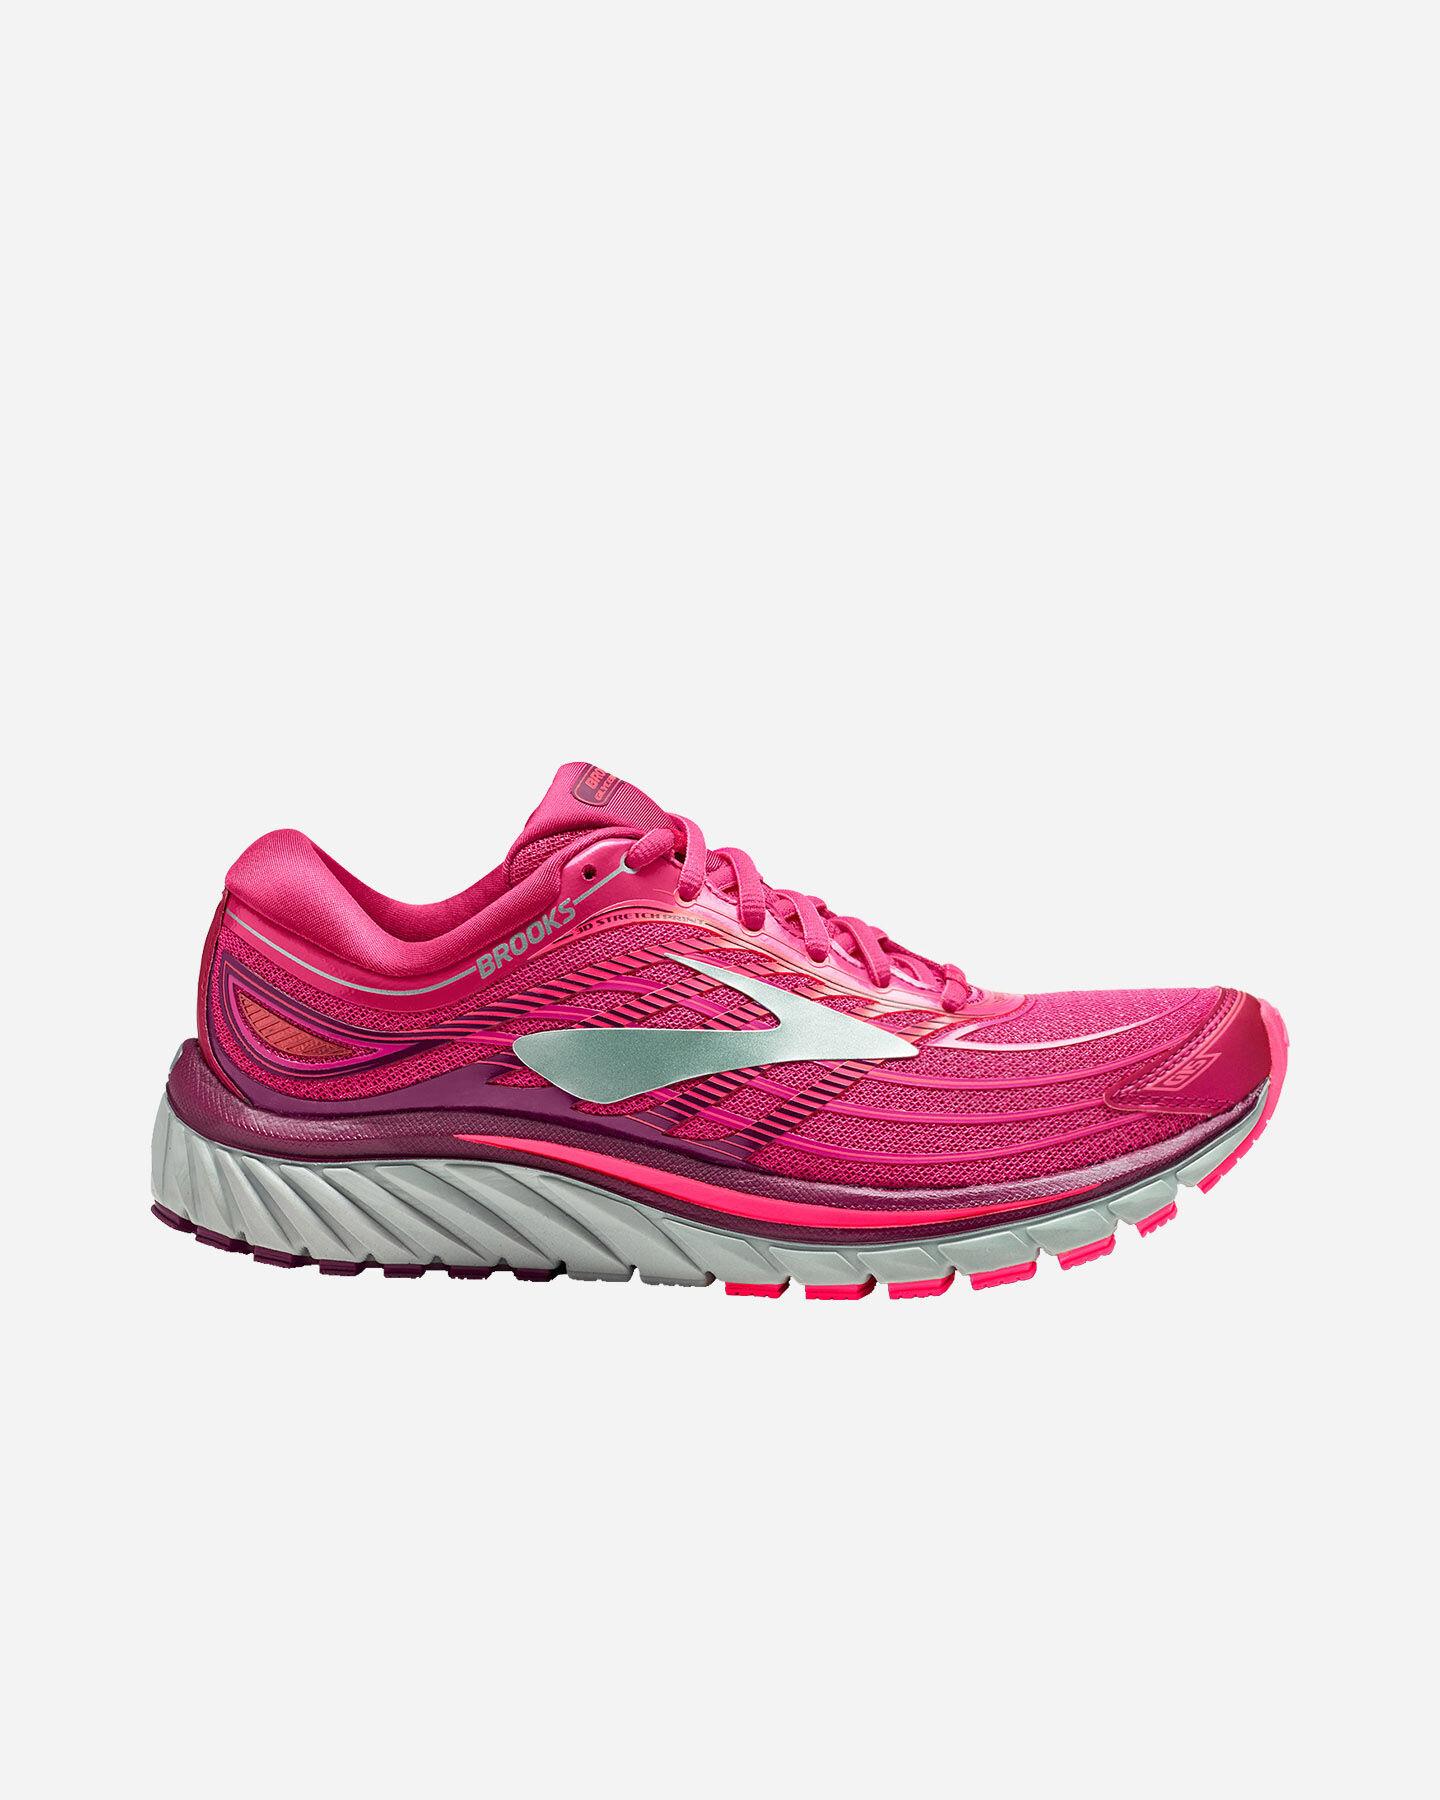 bc7175ca29 scarpe da corsa donna online > OFF46% sconti